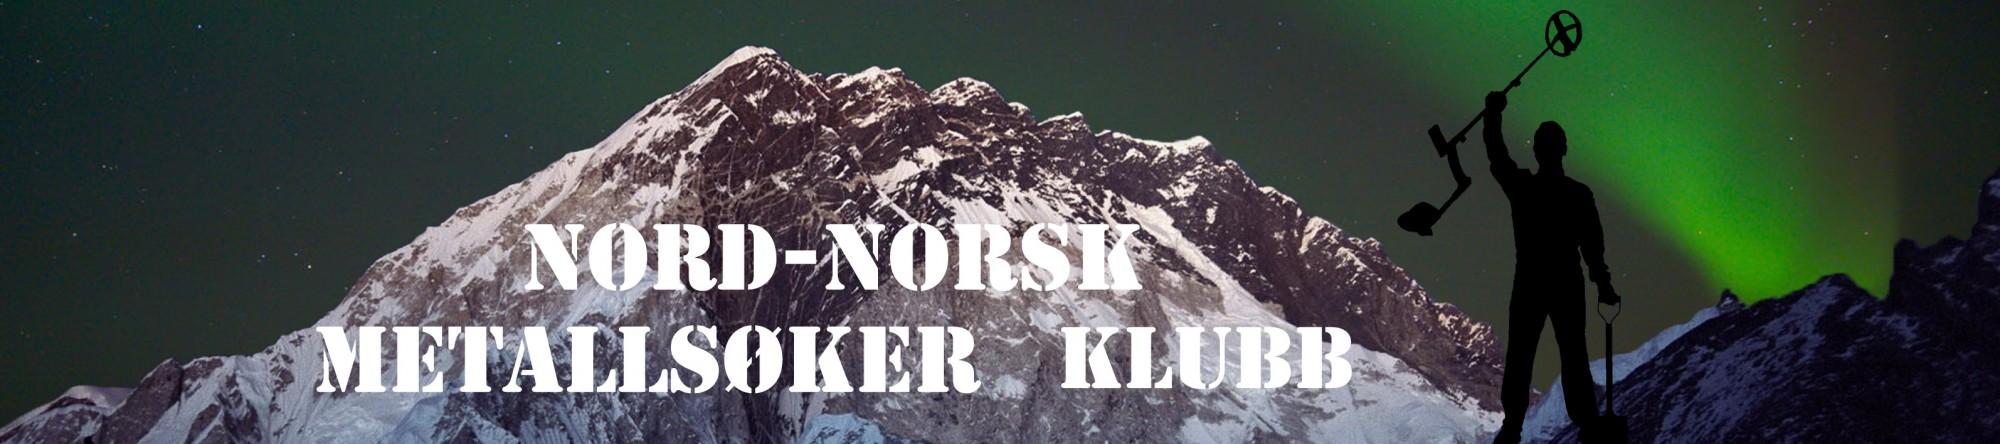 Nord Norsk Metallsøkerklubb